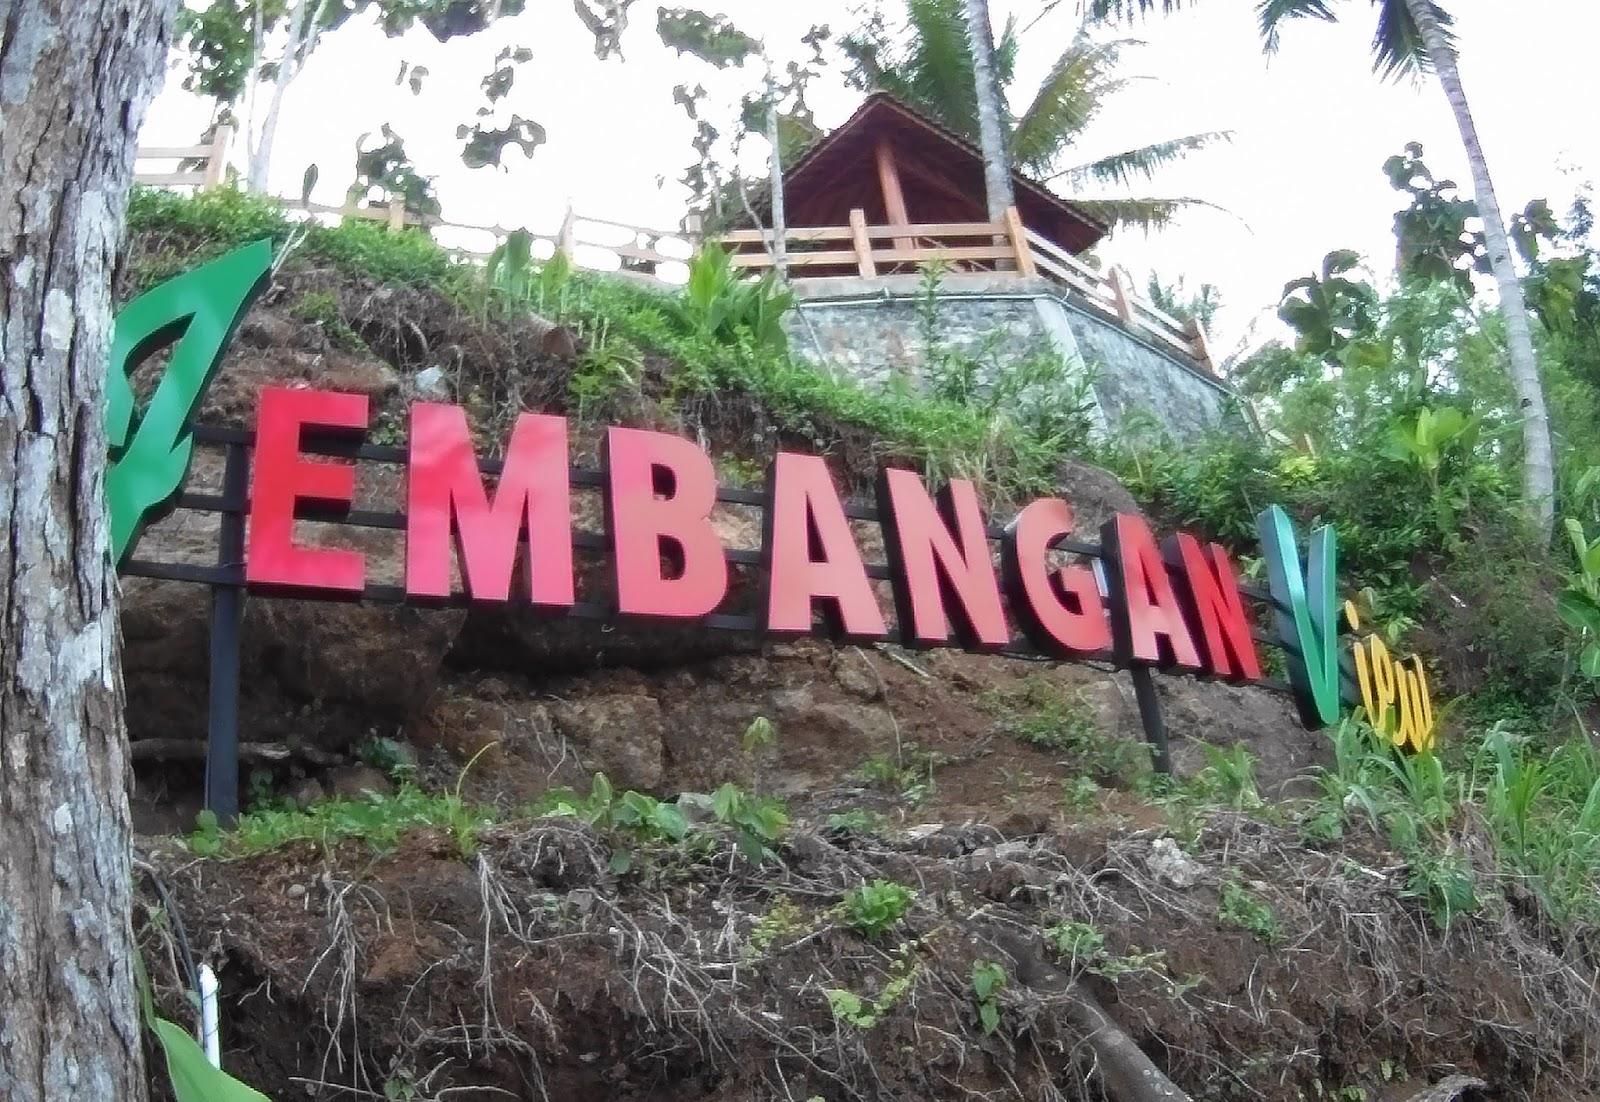 Jalan Jembangan Wisata Alam Kebumen Dikit View Kab